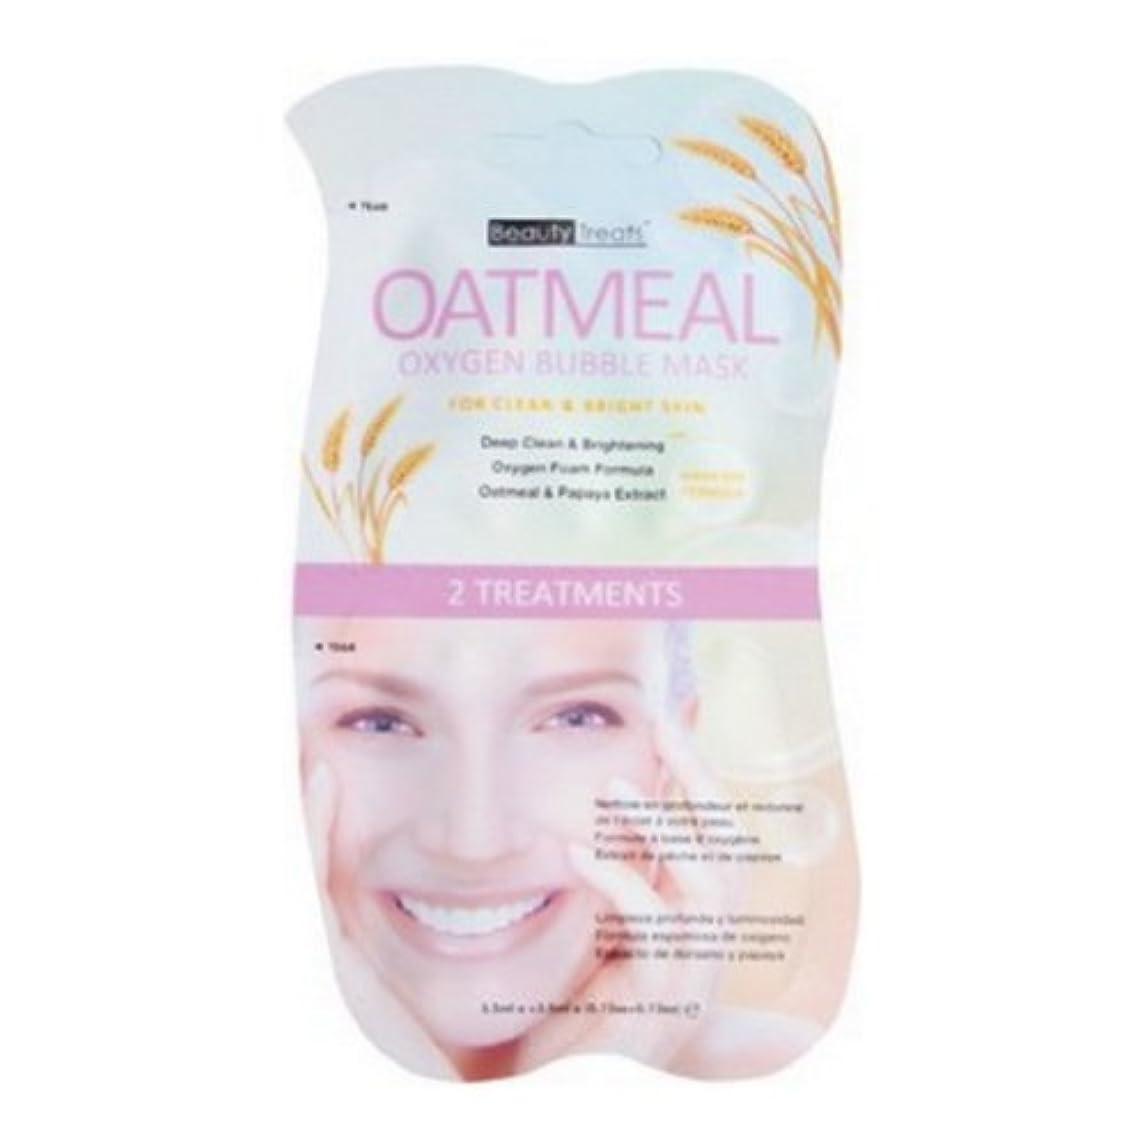 薬局スリムトラフィック(6 Pack) BEAUTY TREATS Oatmeal Oxygen Bubble Mask - Oatmeal (並行輸入品)